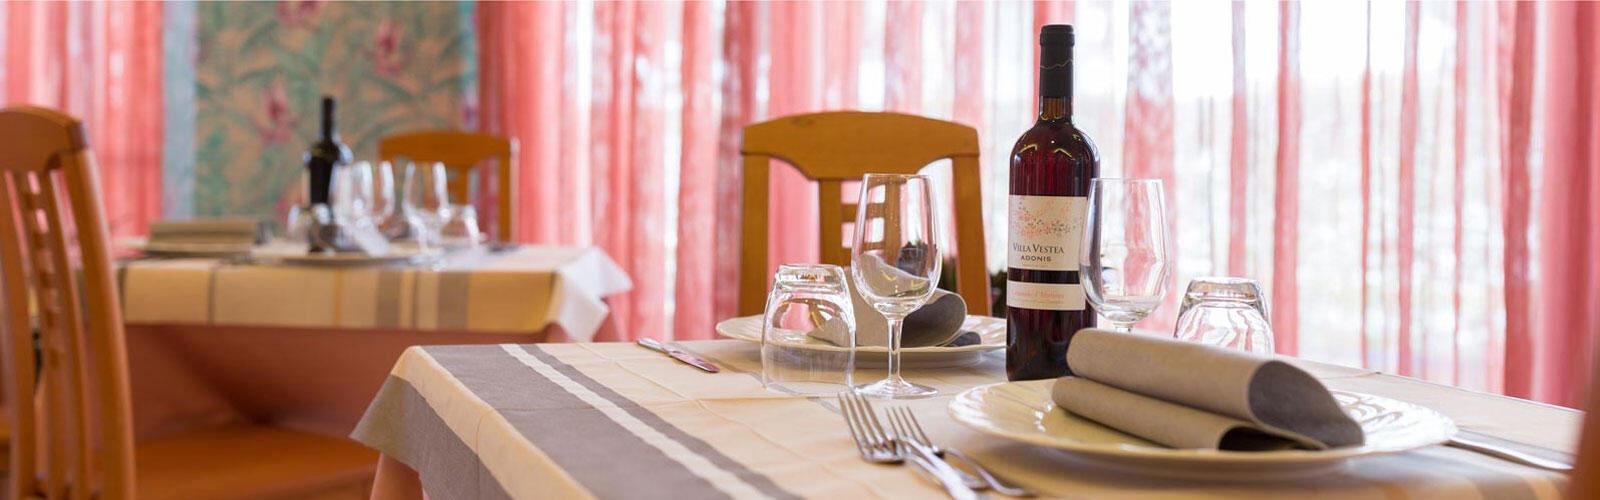 hotellaninfea en the-restaurant 002